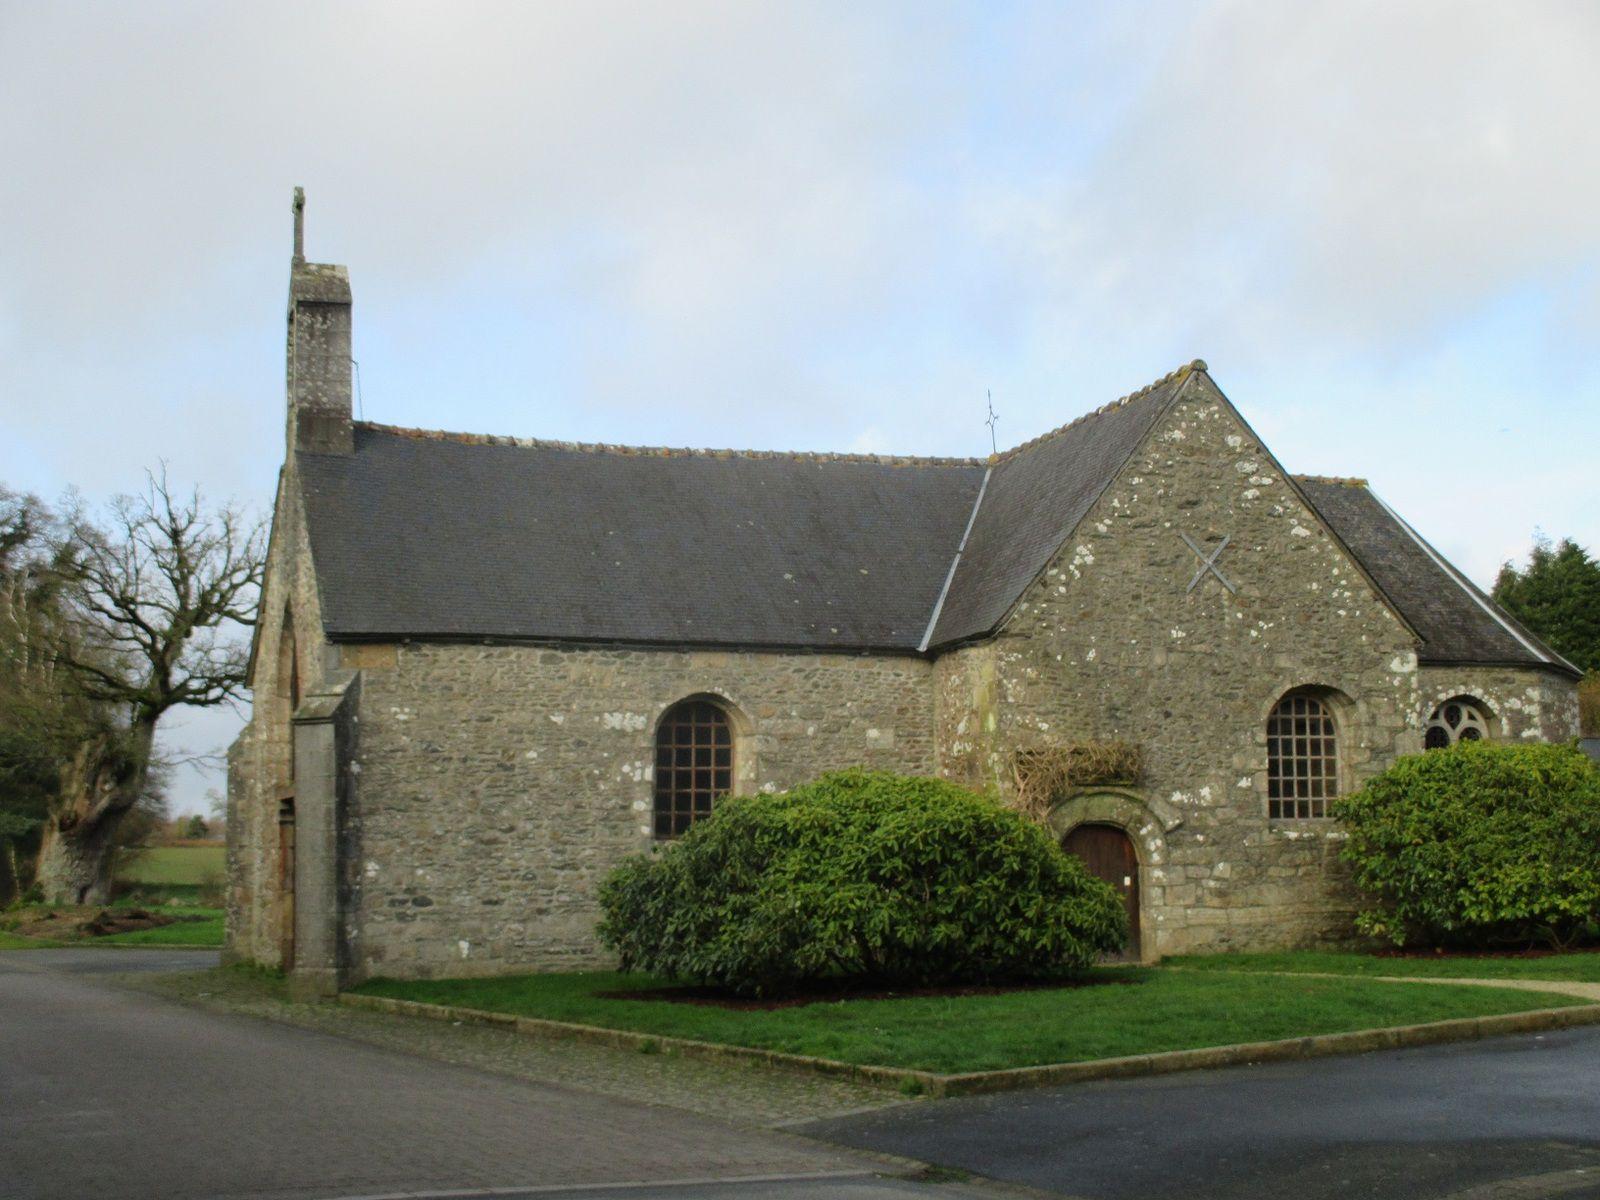 La chapelle et son vieux chêne.